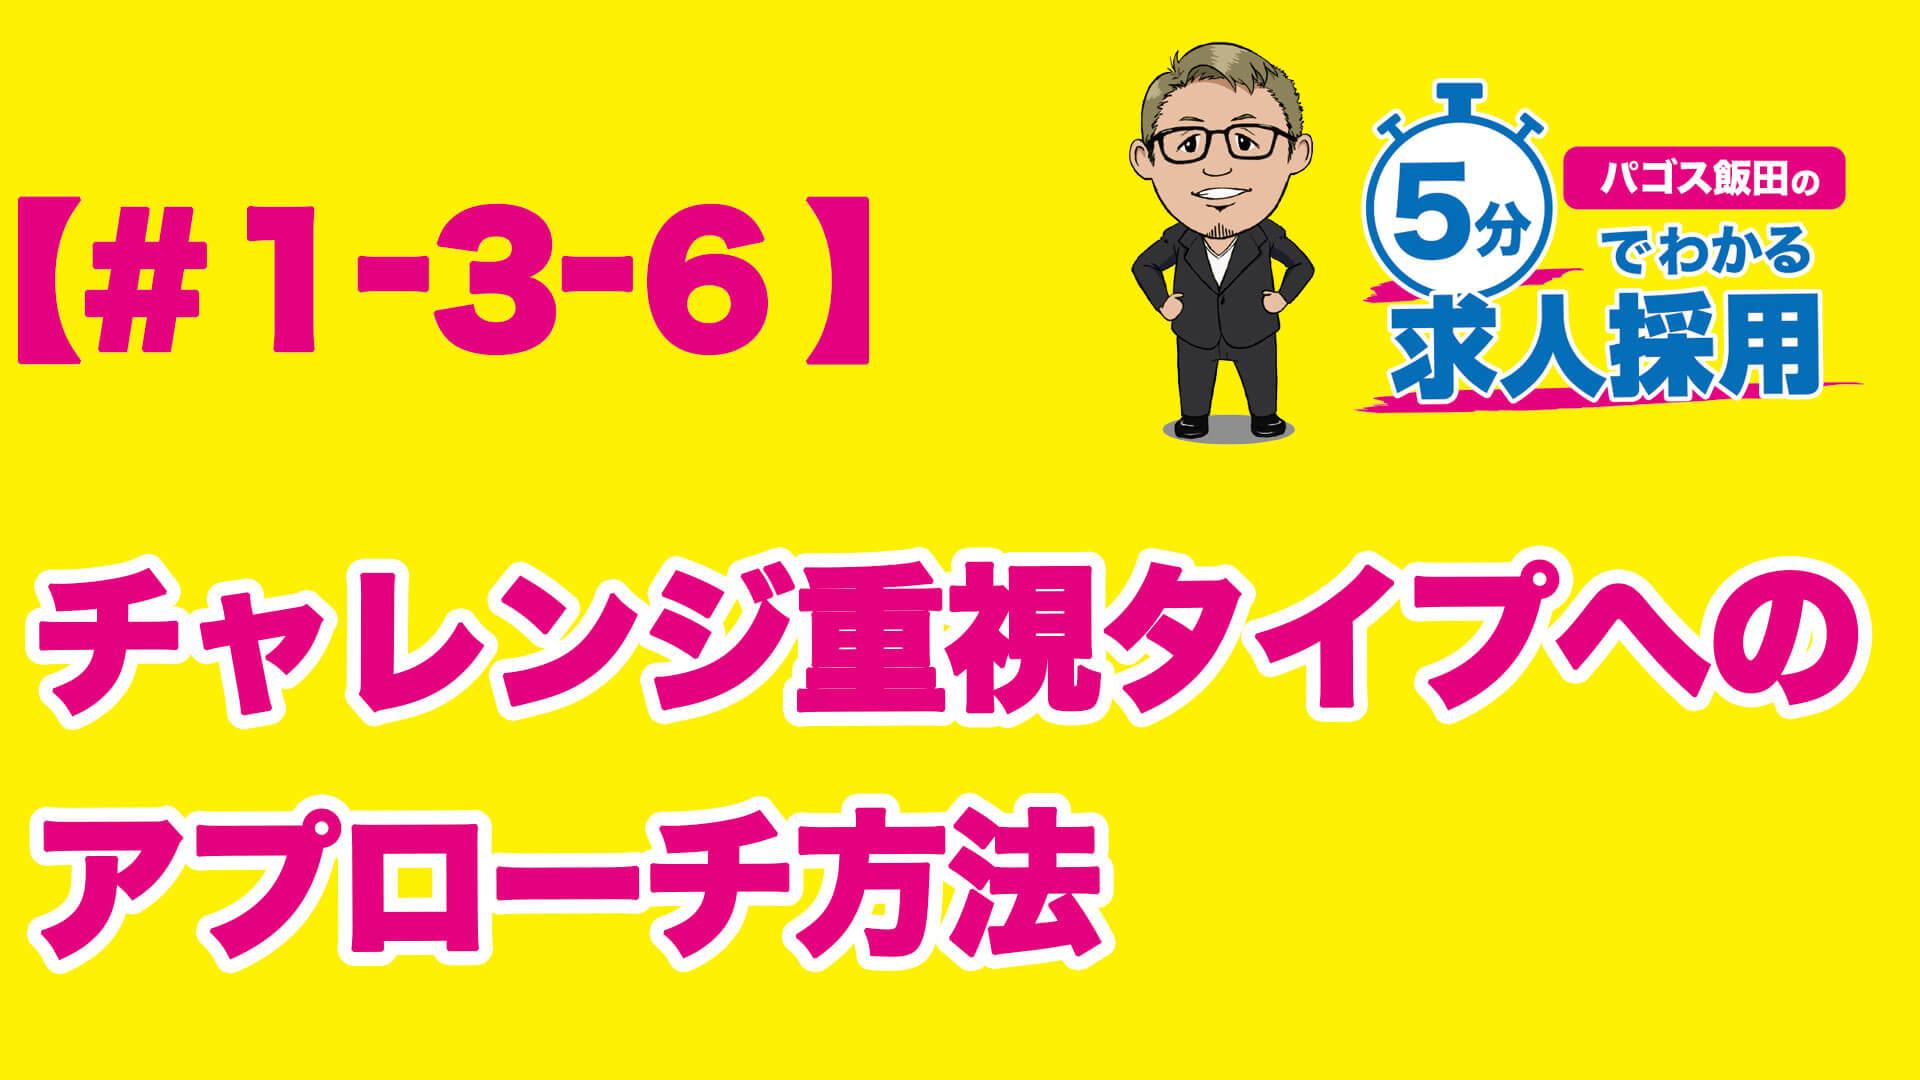 【#1-3-6】チャレンジ重視タイプの求職者へのアプローチ